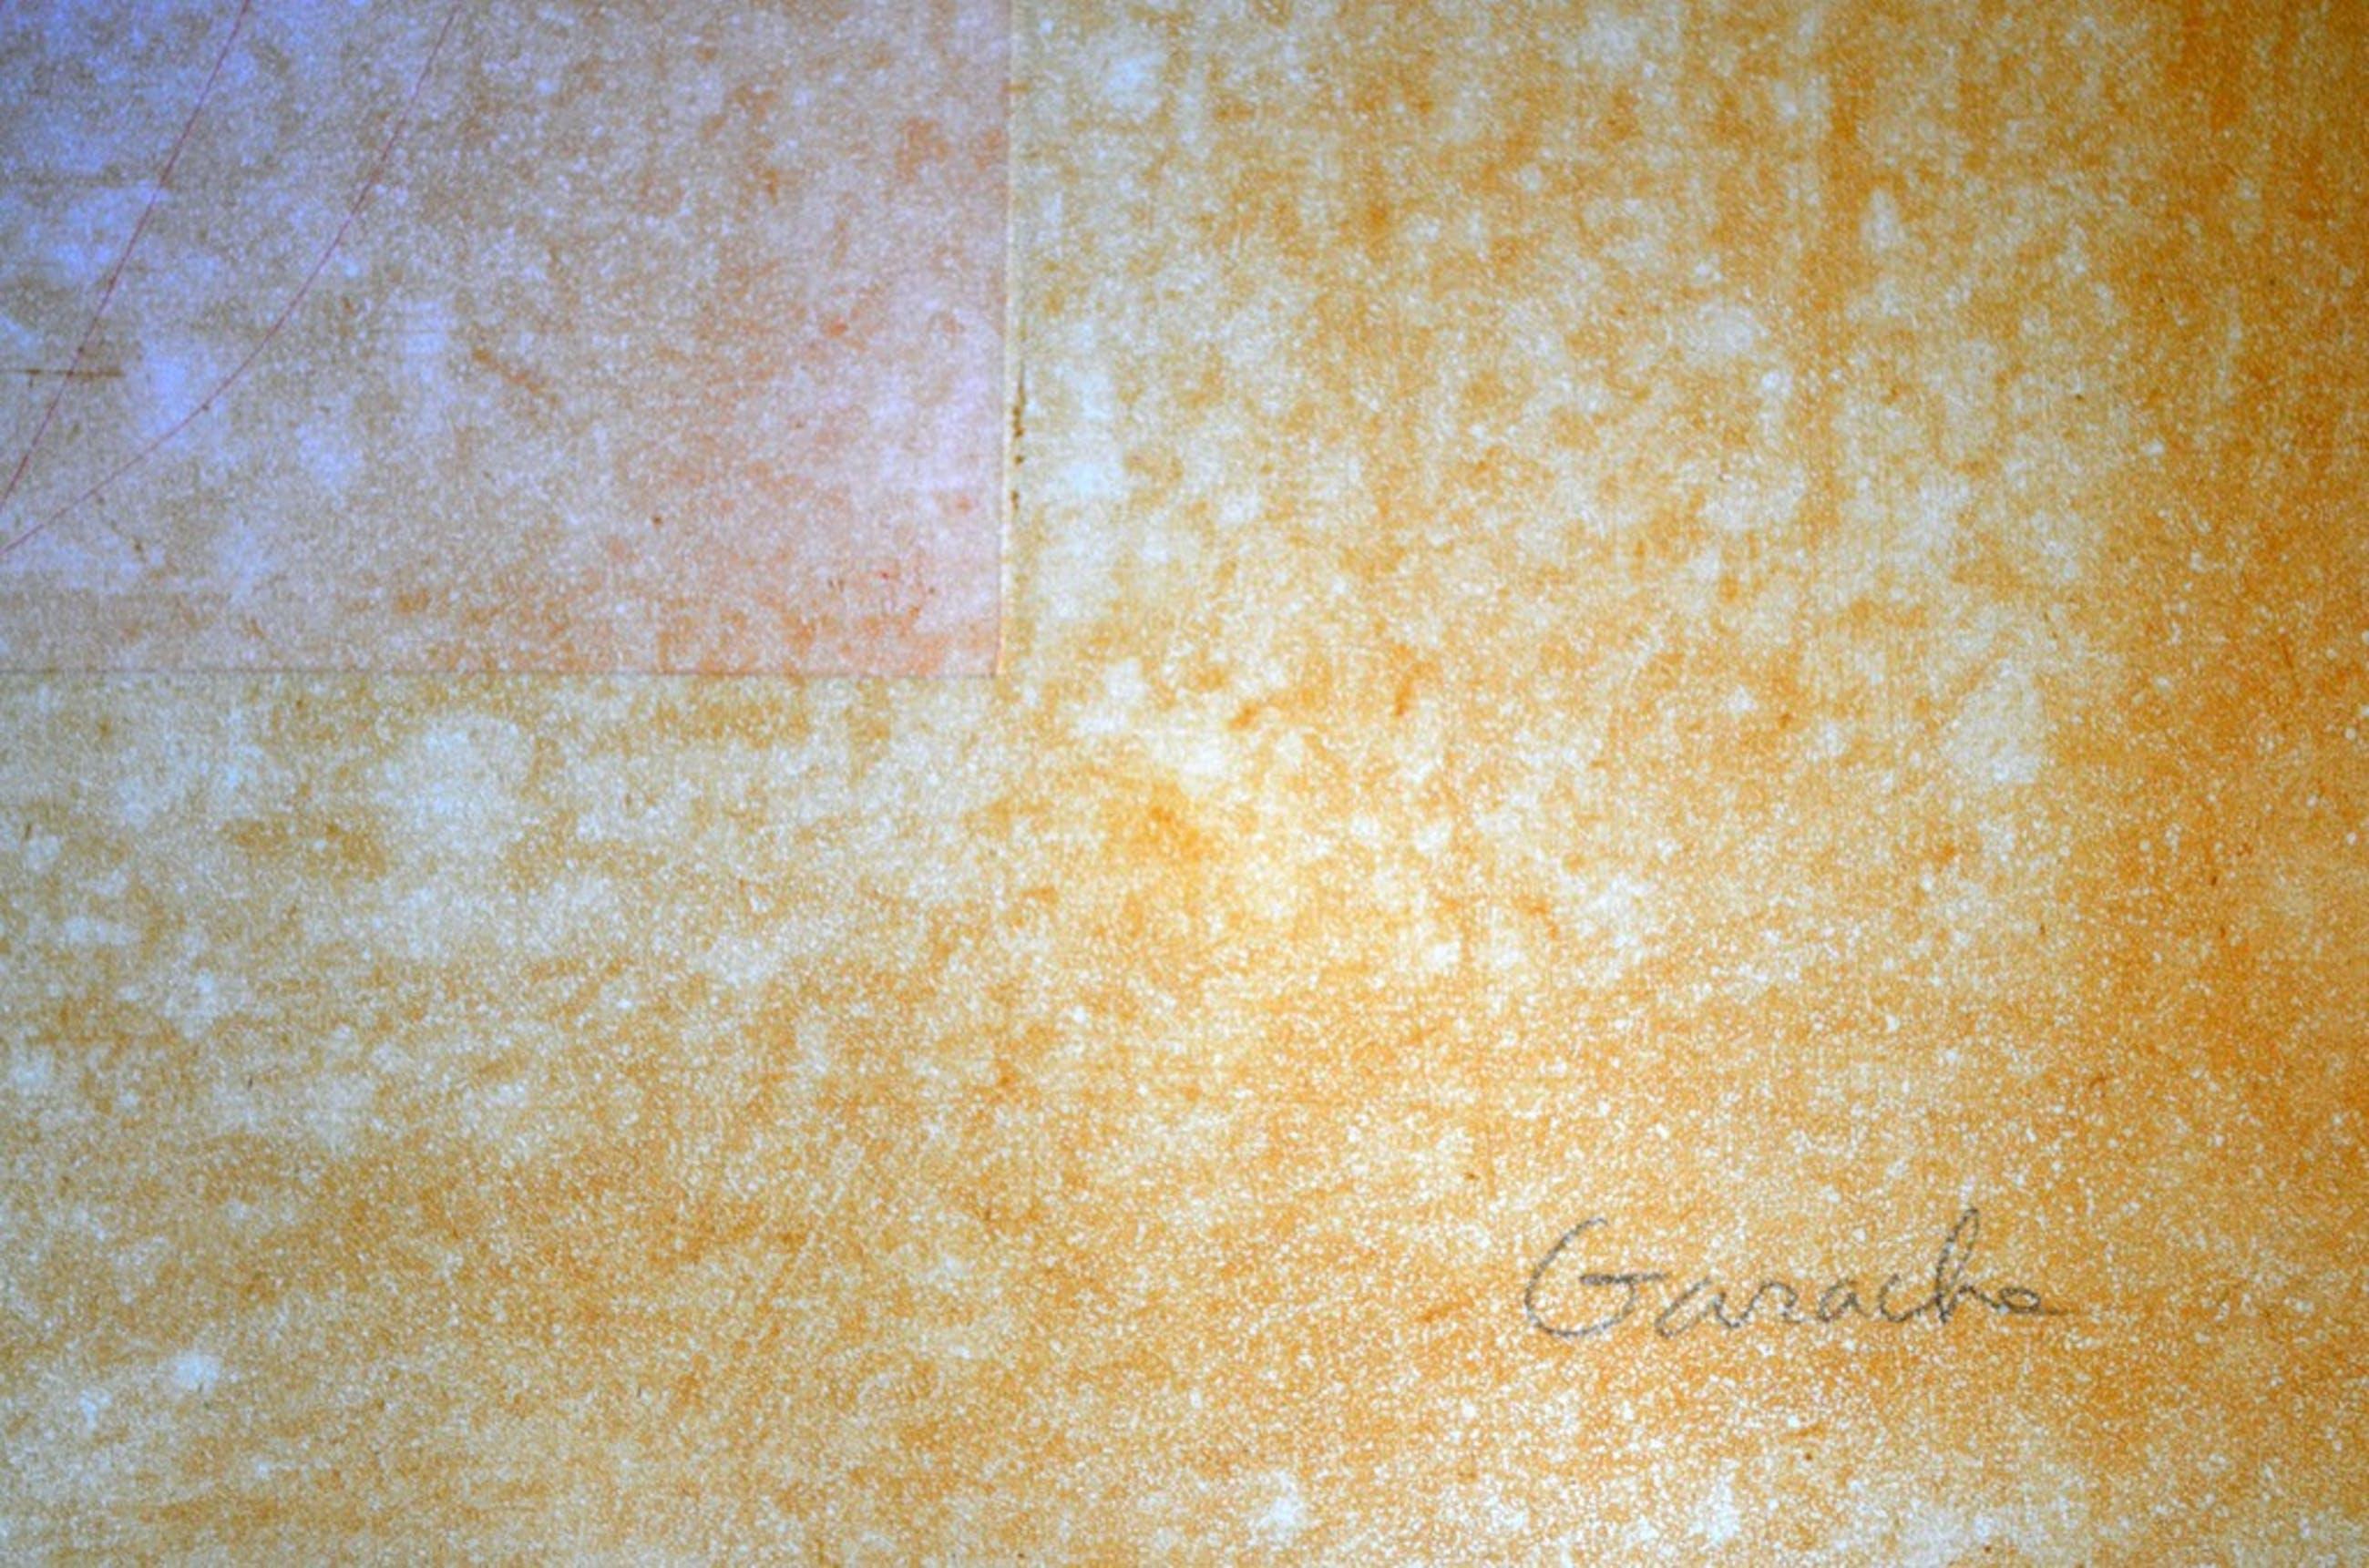 Claude Garache - Grote kleurenets-aquatint - gesigneerd - opl. 35 - 1989 kopen? Bied vanaf 175!